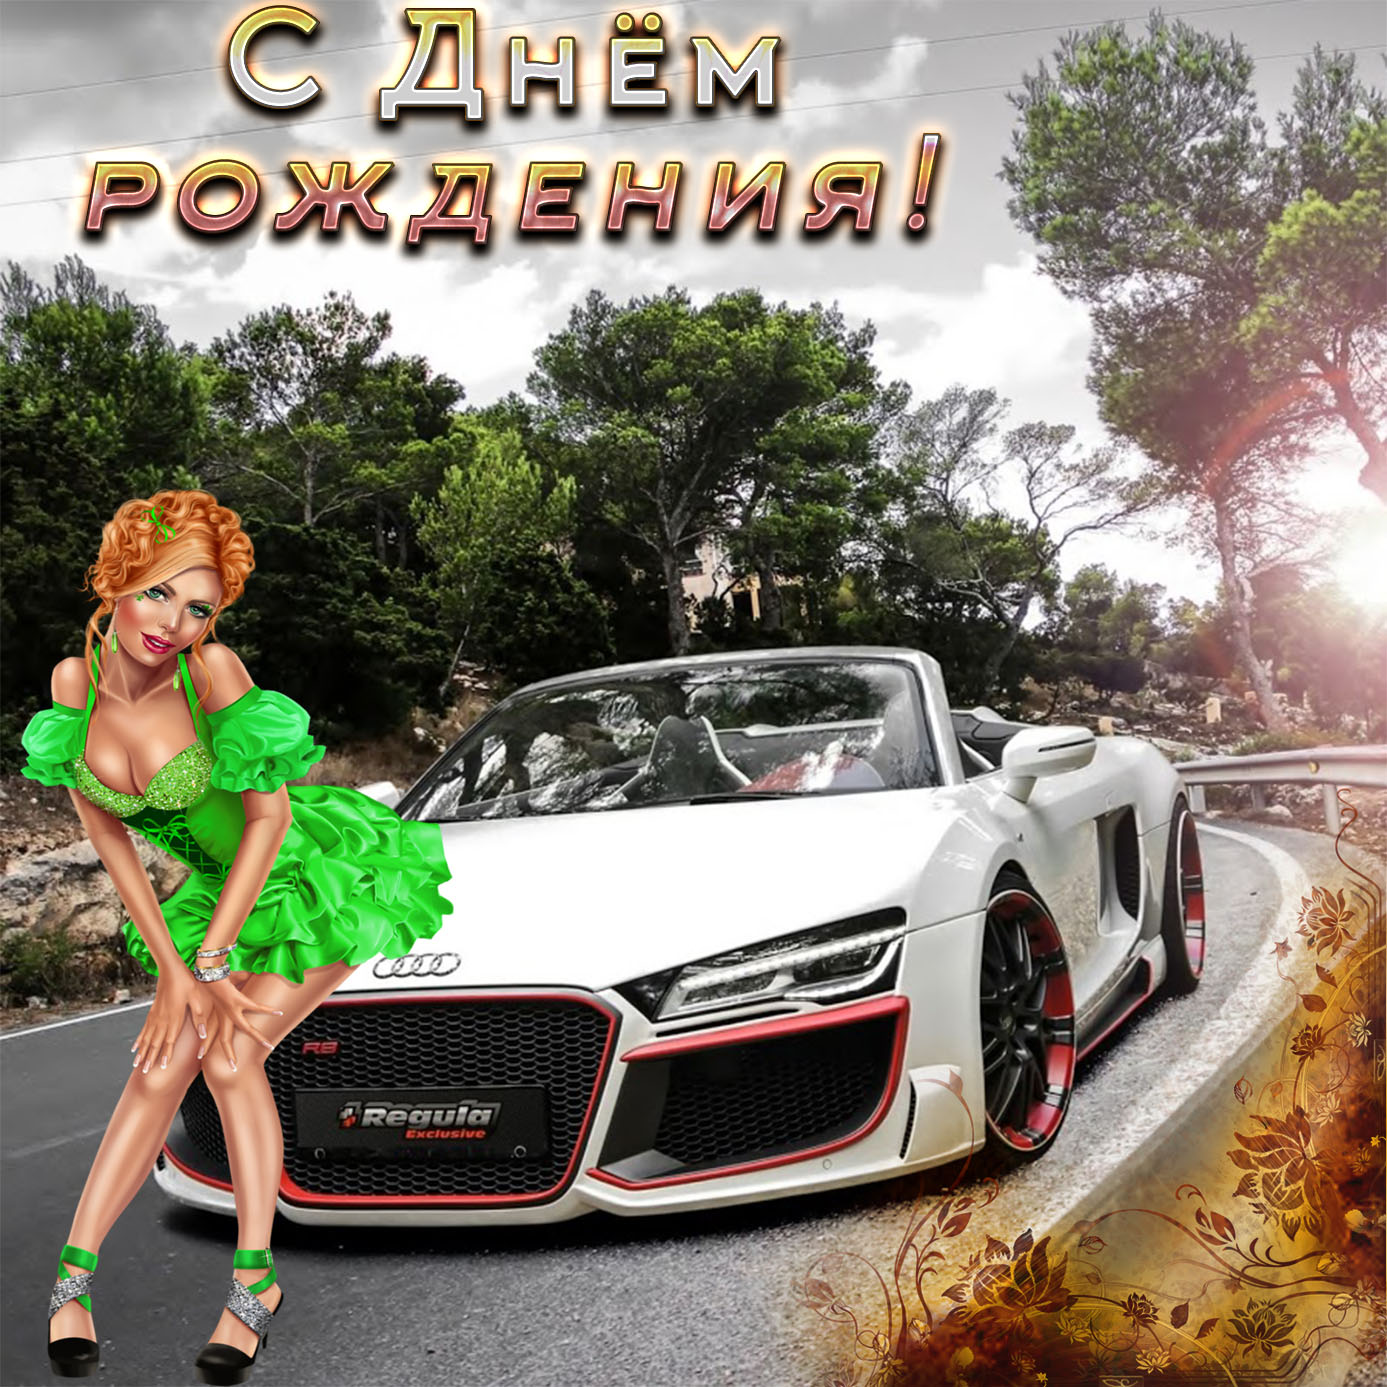 Картинка с женщиной у машины